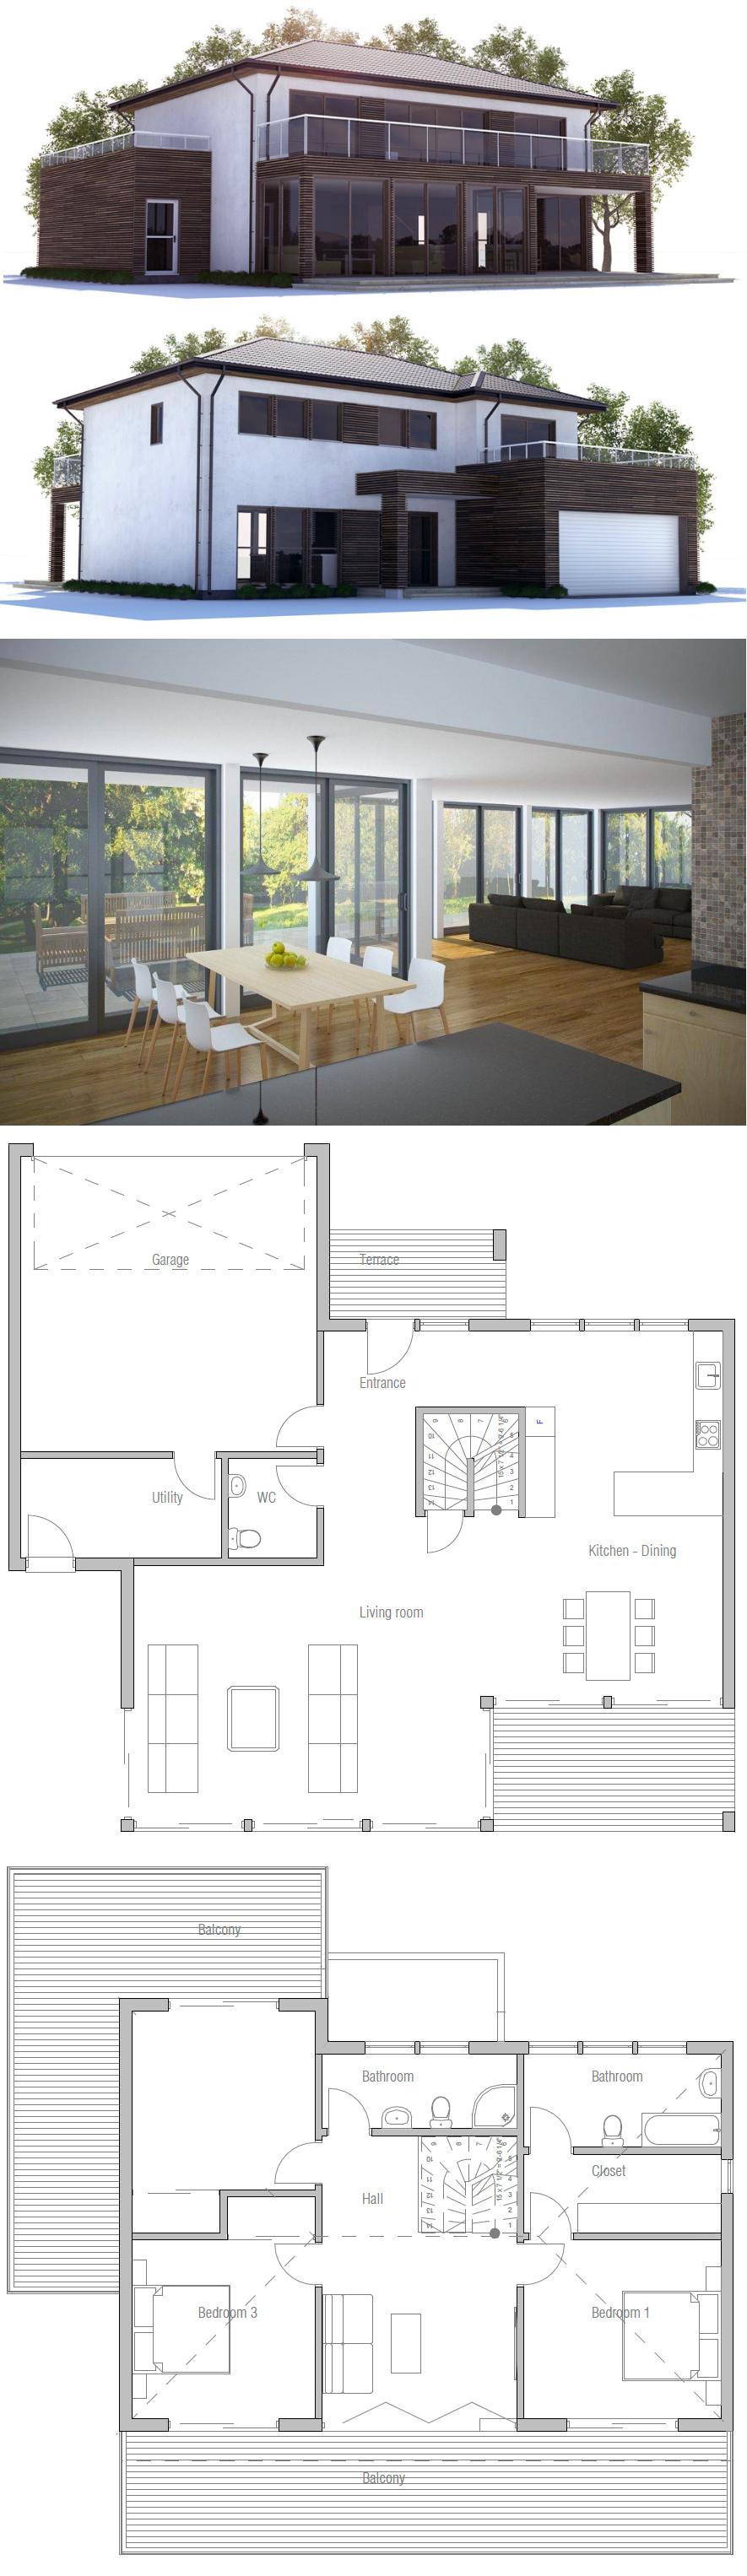 Moderne architektur grundrisse  Hausplan | Hauspläne | Pinterest | Haus architektur, Moderne ...